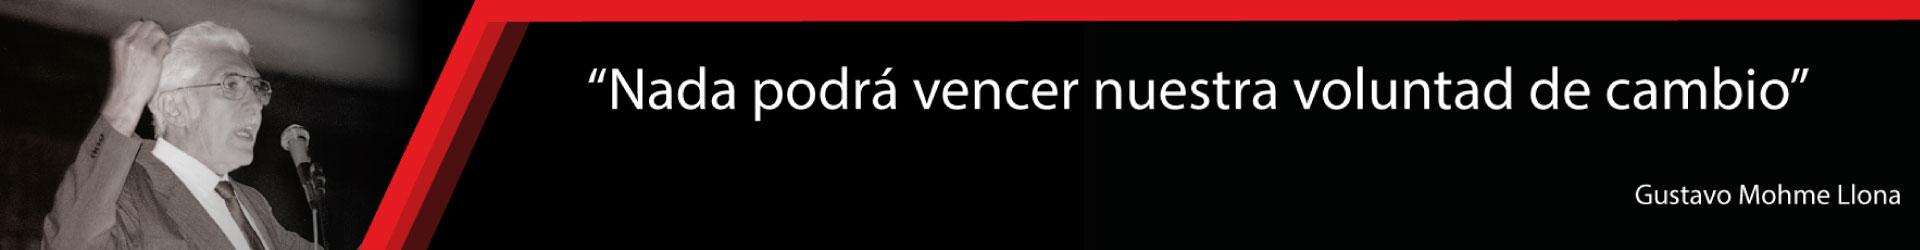 Categoría: Gustavo Mohme Llona